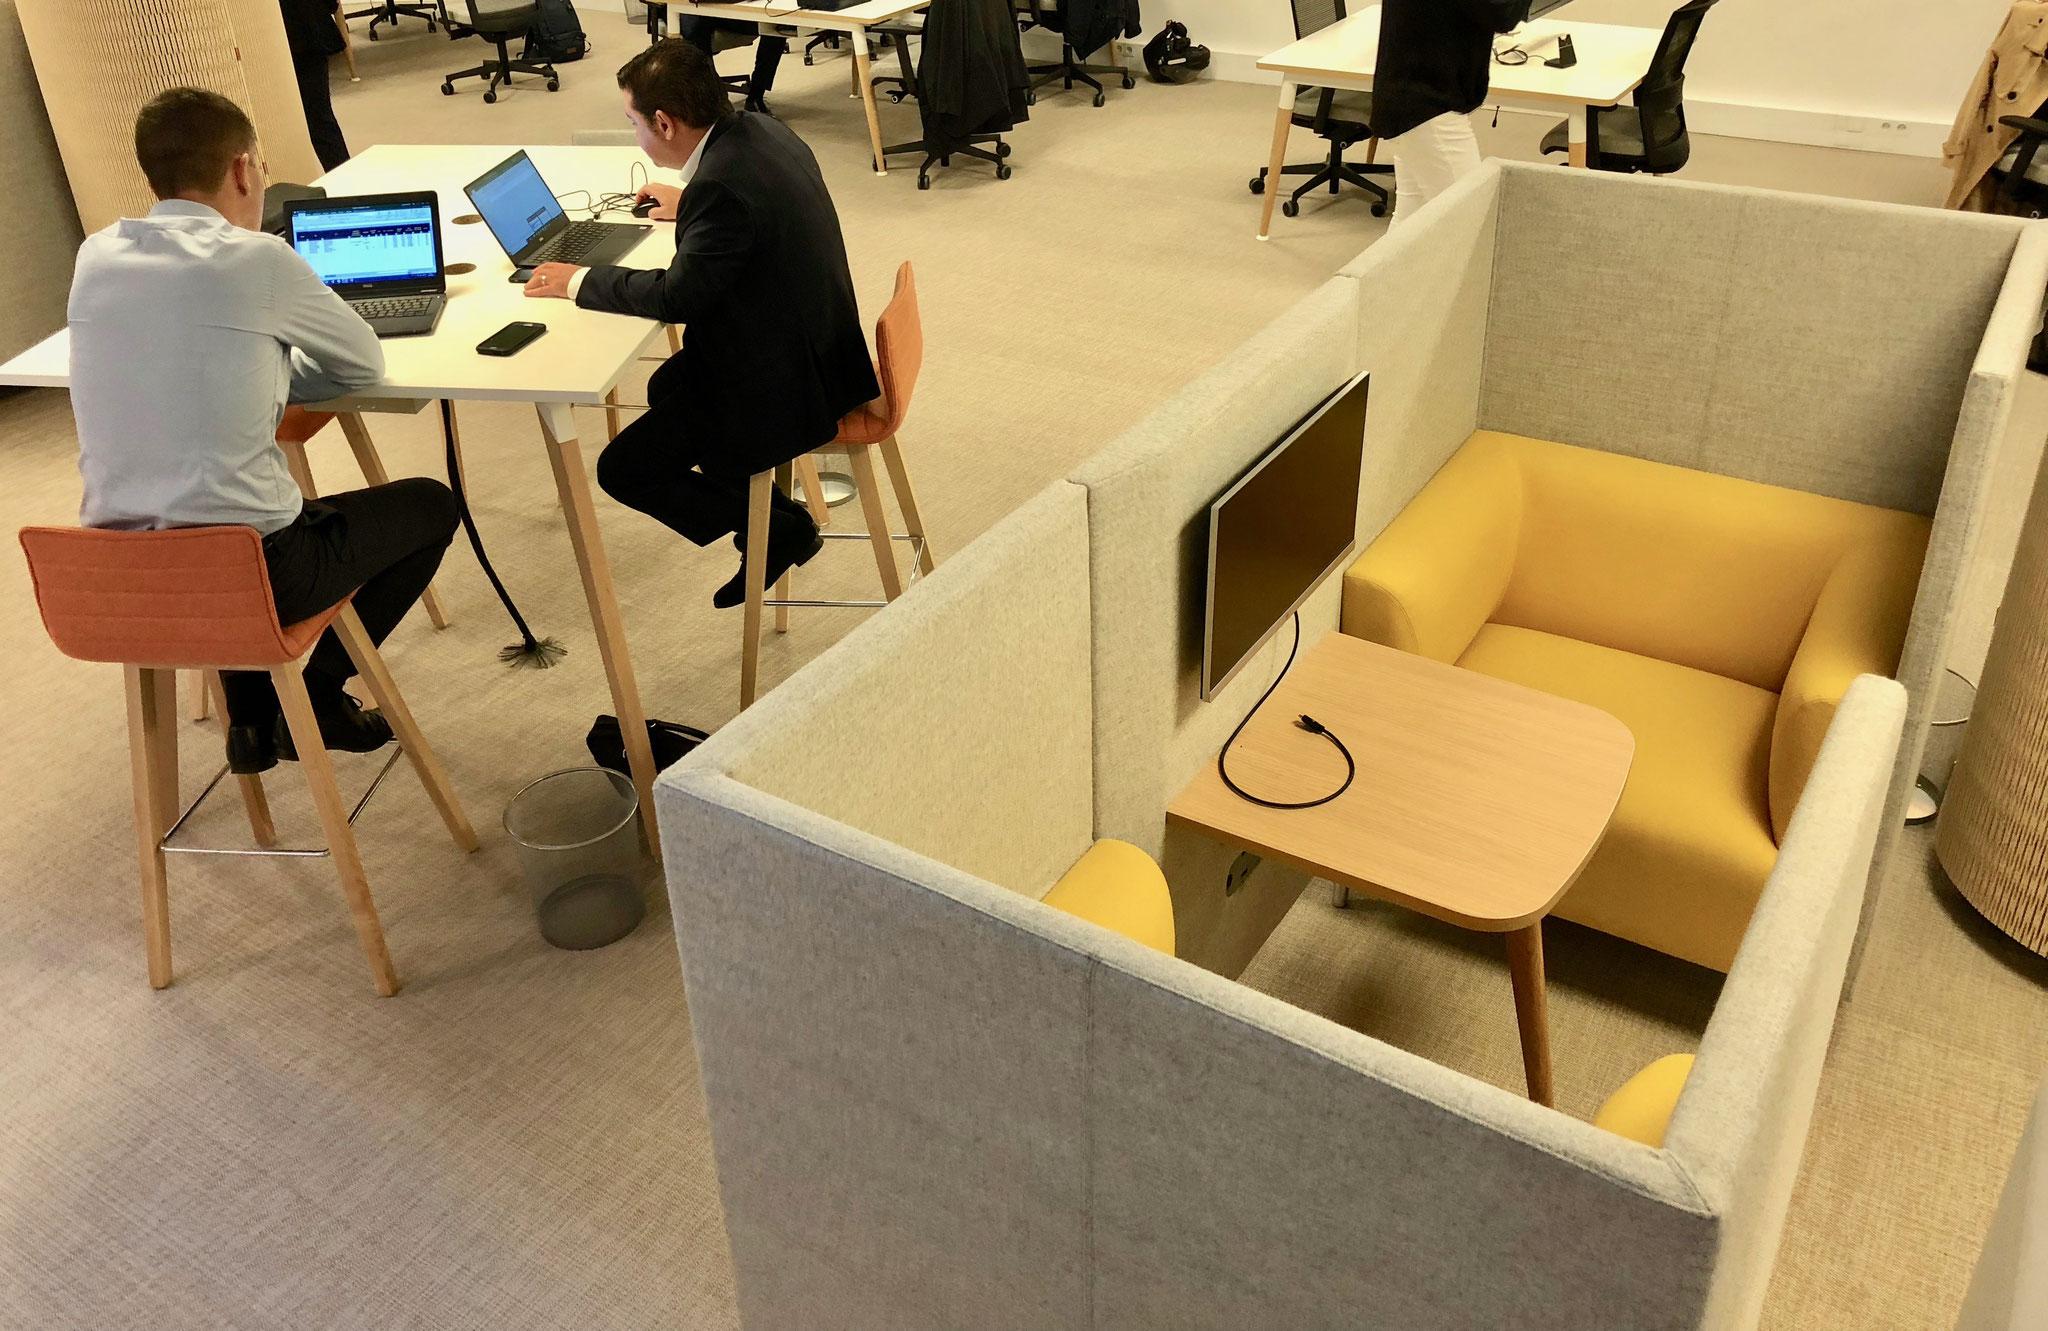 l'utilisation du mobilier en textile dans l'entreprise